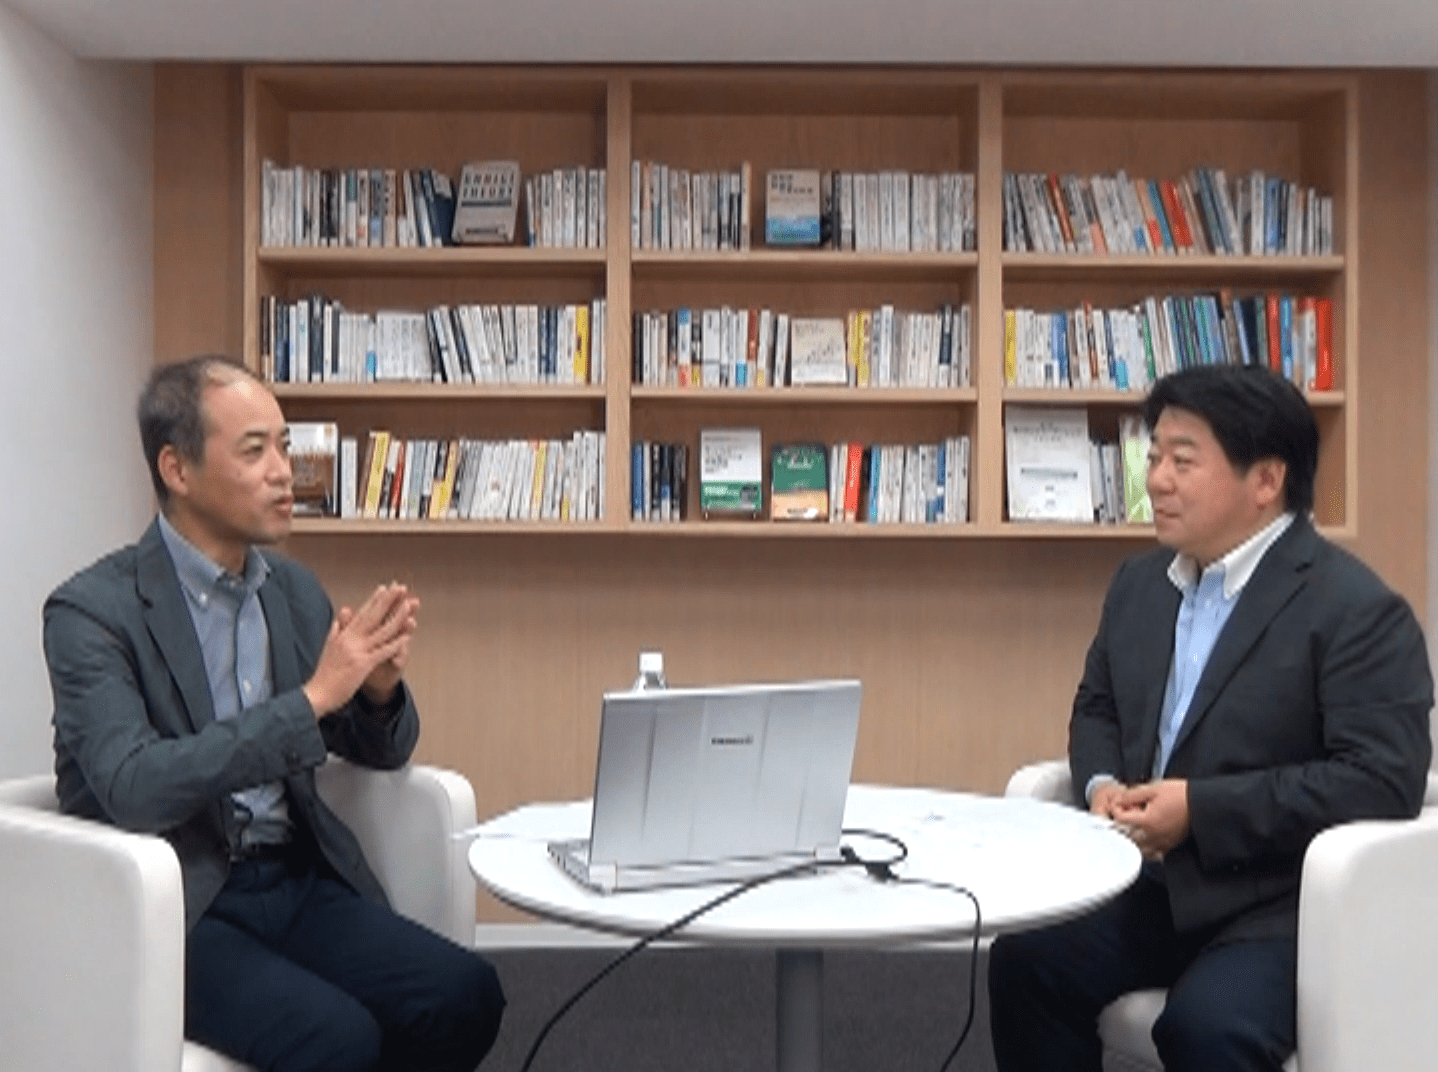 対談動画公開~HRサミット2020「ポストコロナ時代のキャリアと学習」石山恒貴氏と対談~